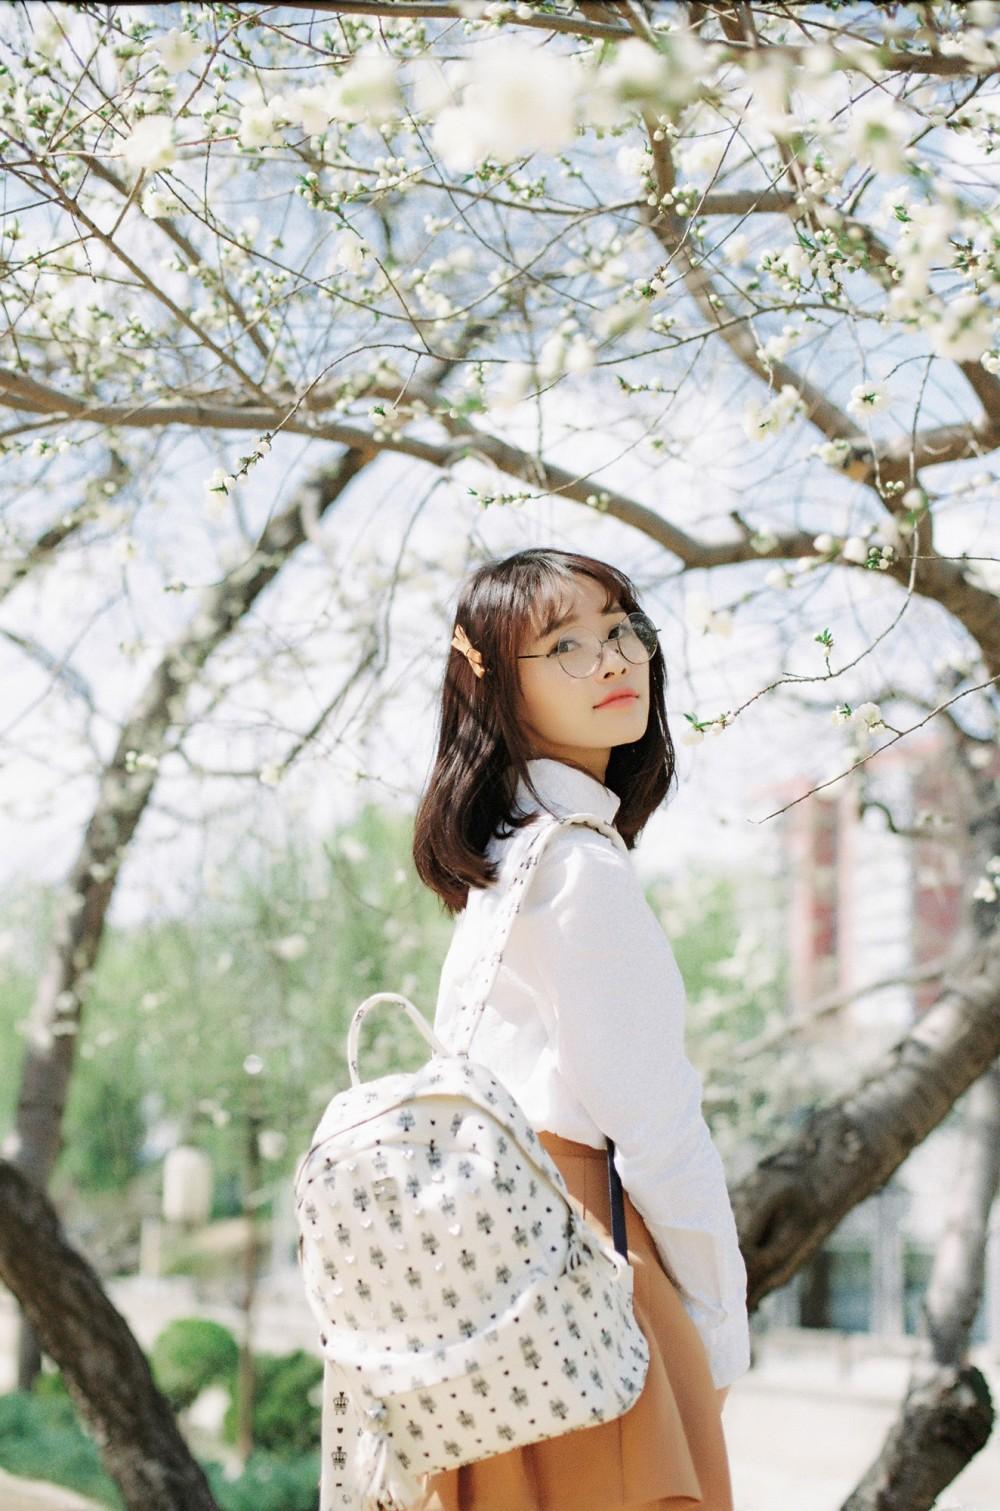 樱之旅 @马骏同学-菲林中文-独立胶片摄影门户!